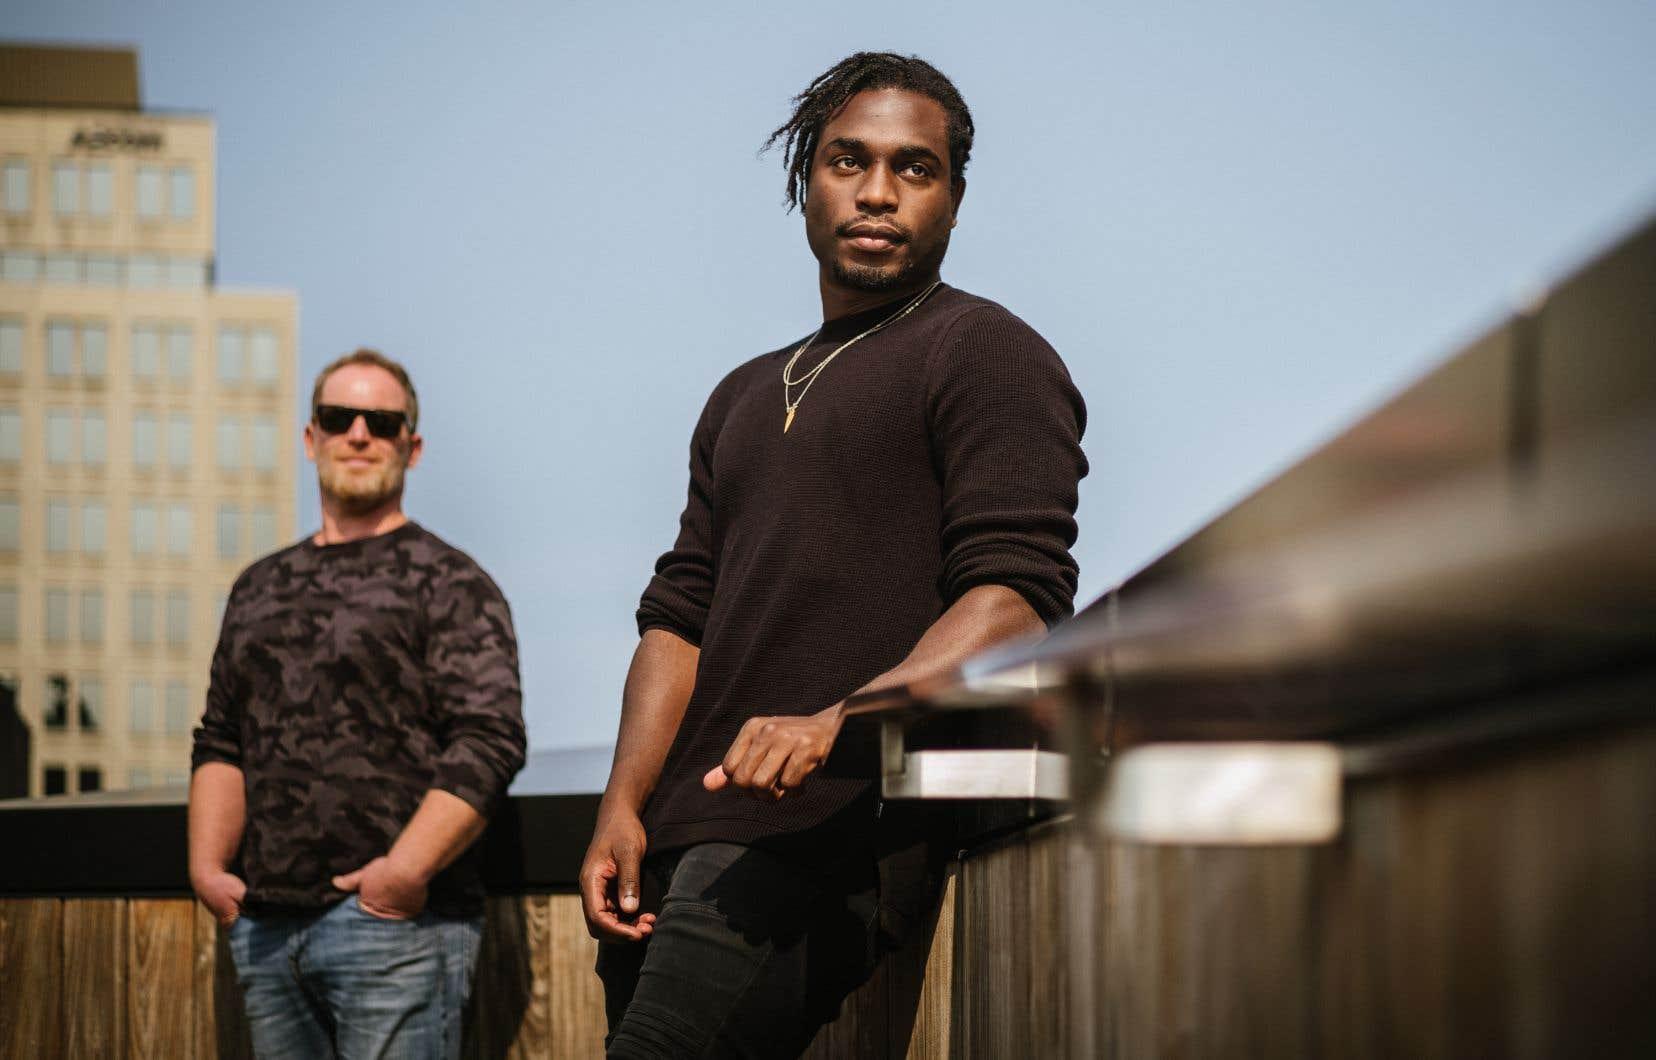 Après avoir joué plusieurs fois son fracassant solo depuis 2005, Alexandre Goyette (à gauche) passe le flambeau à un jeune interprète: Anglesh Major.